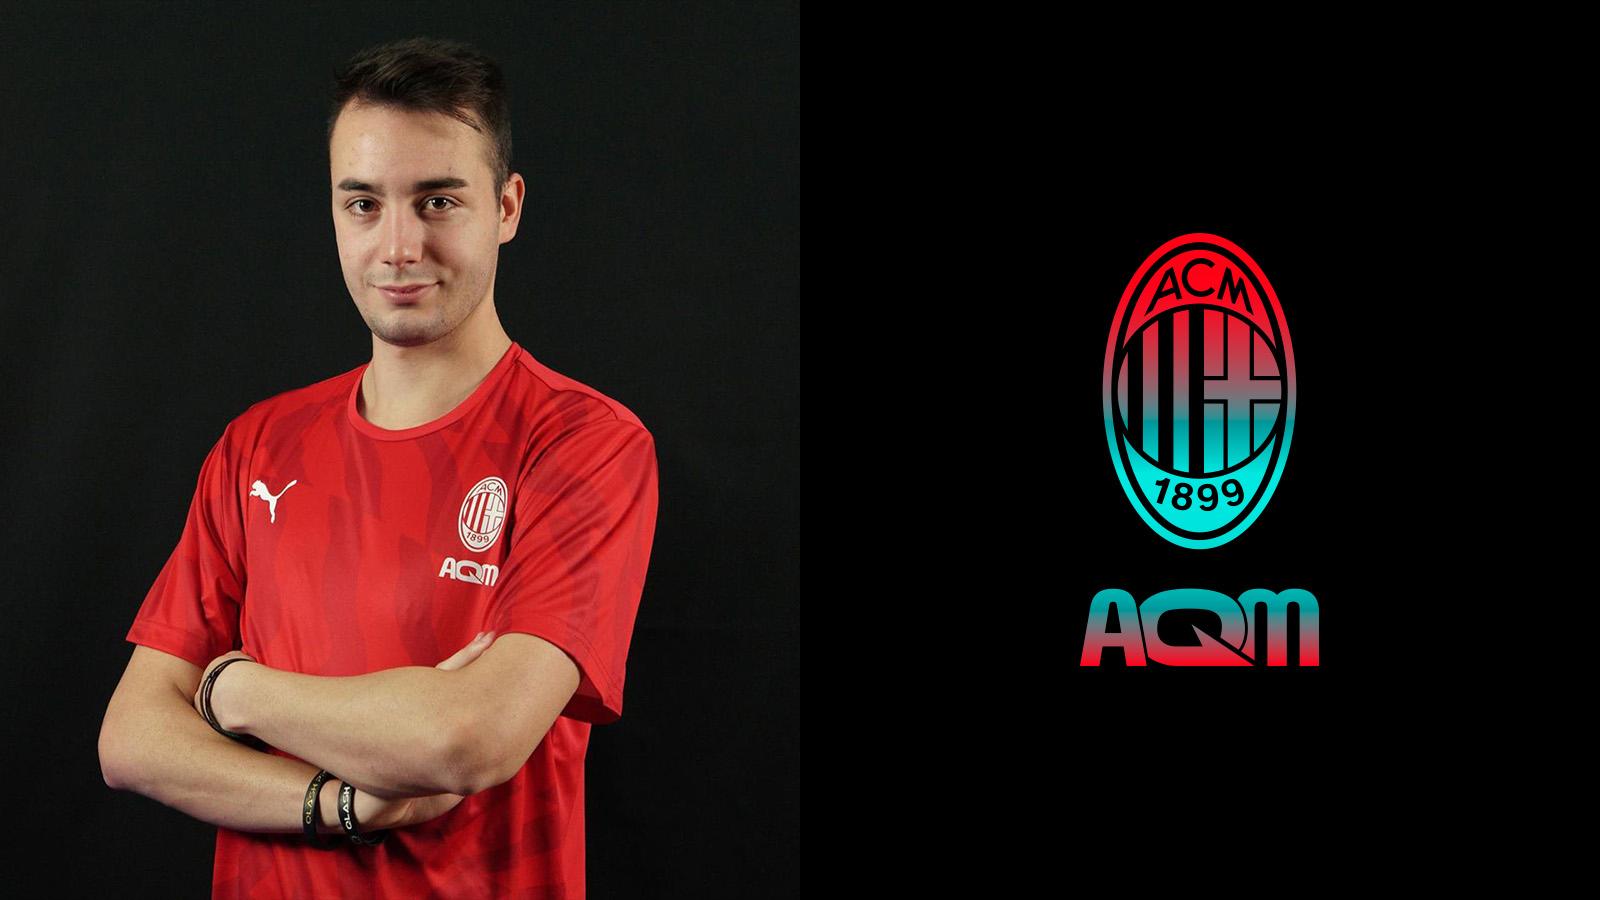 AC Milan QLASH Partnership